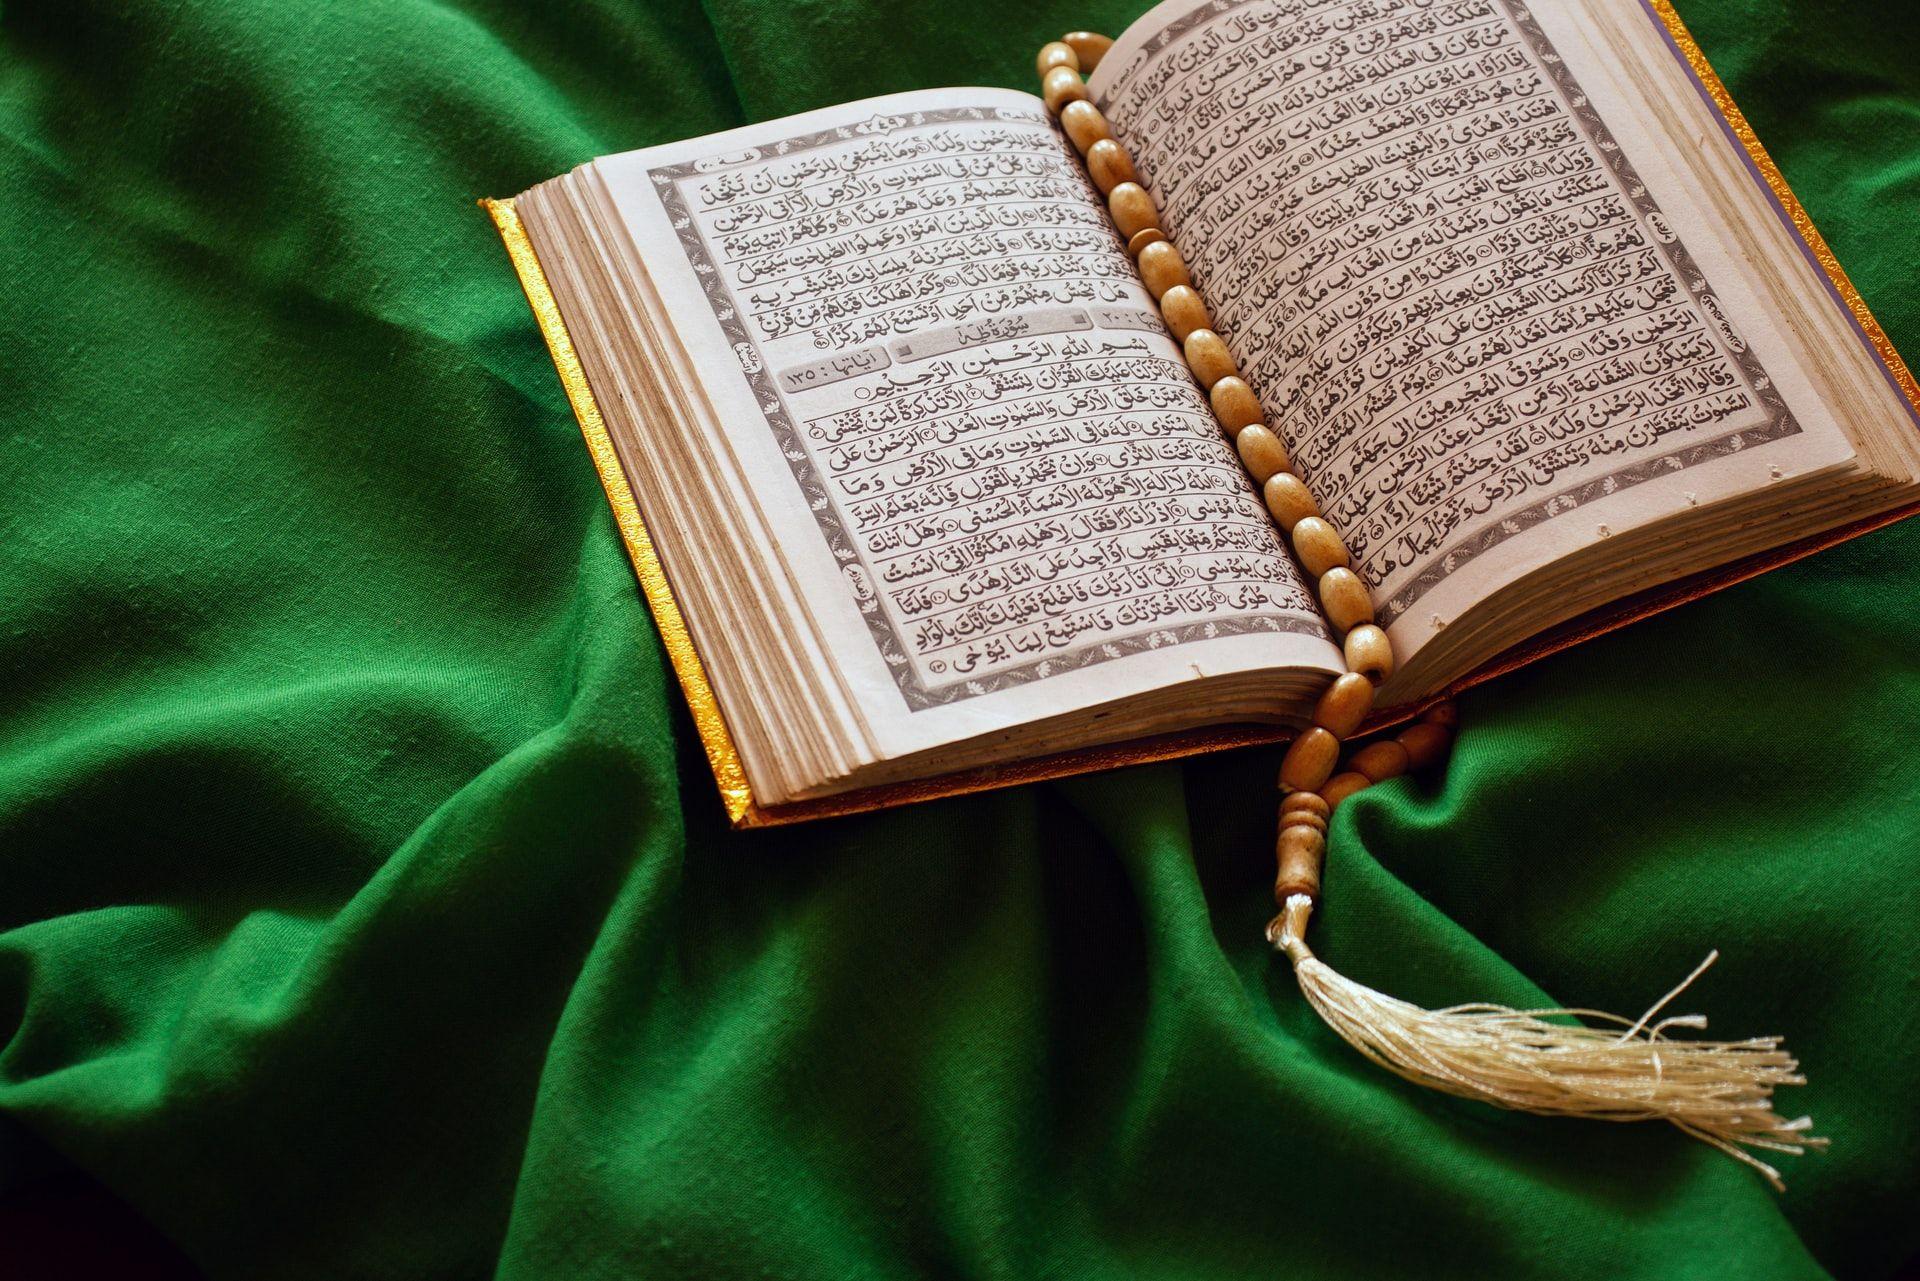 Bulan Penuh Berkah, 10 Keutamaan Bulan Ramadan yang Selalu Ditunggu